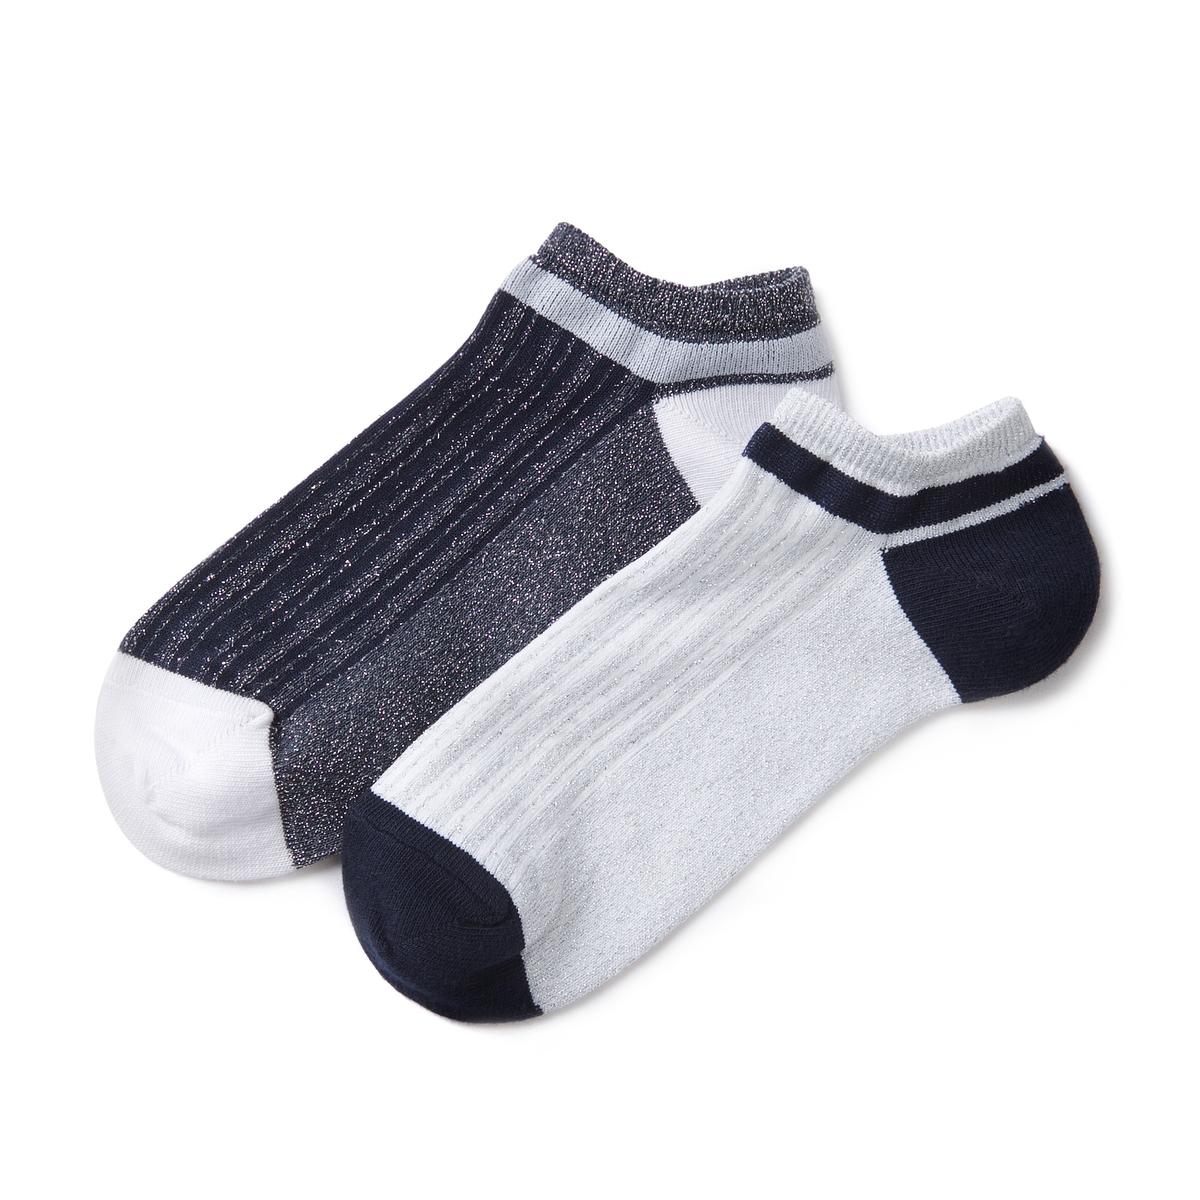 Комплект из 2 пар носковКомплект из 2 пар двухцветных носков с блестящим эффектом . Детали •  5 пар двухцветных носков с блестящим эффектом .Состав и уход • 76% хлопка, 23% полиамида, 1% эластана   • Машинная стирка при 30°, на умеренном режиме     • Стирать с вещами подобного цвета<br><br>Цвет: темно-синий/ белый